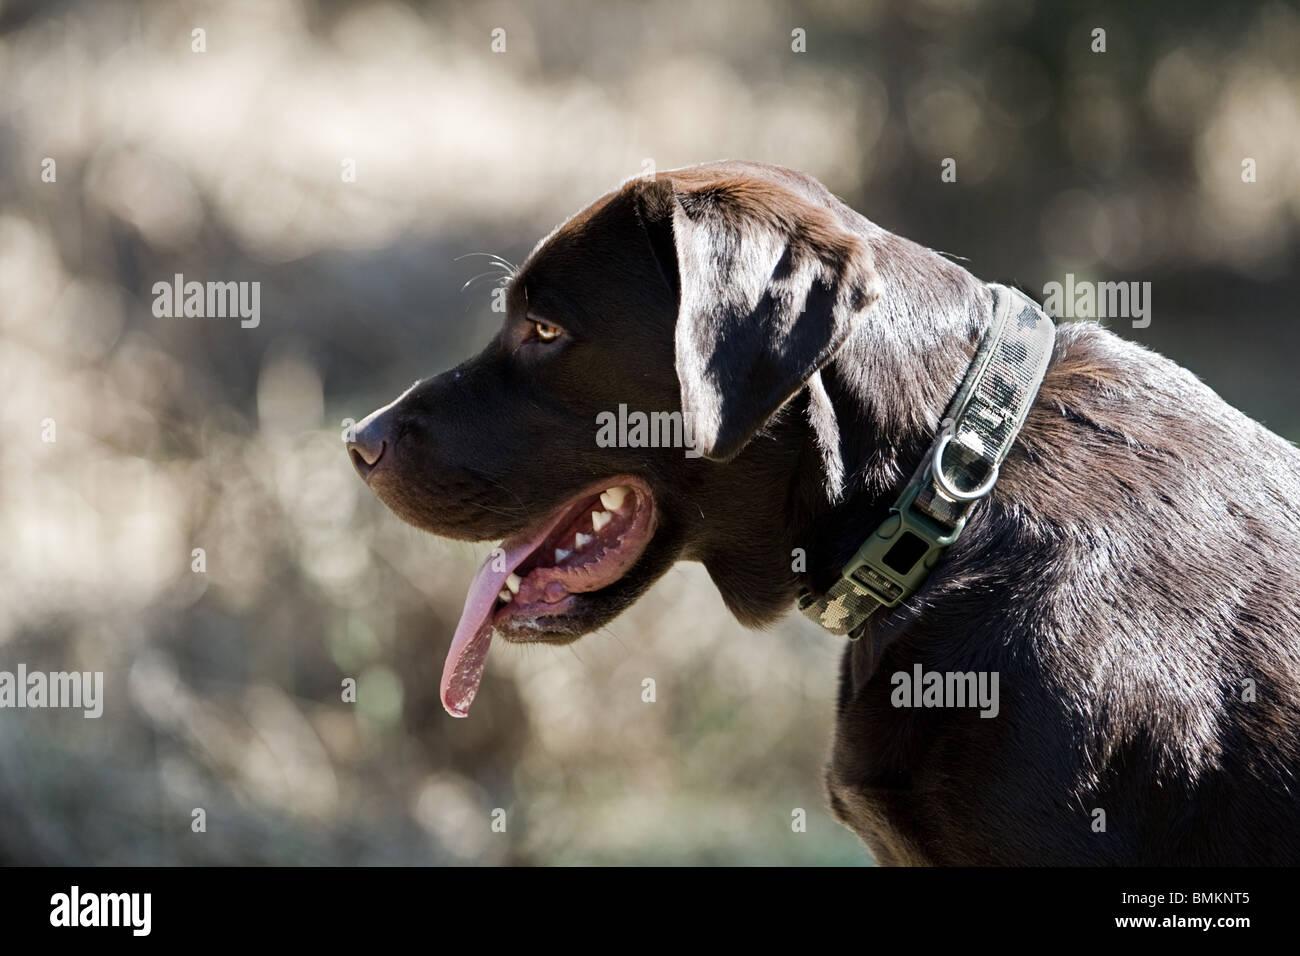 Profil-Schuss von einem Chocolate Labrador im freien Stockbild